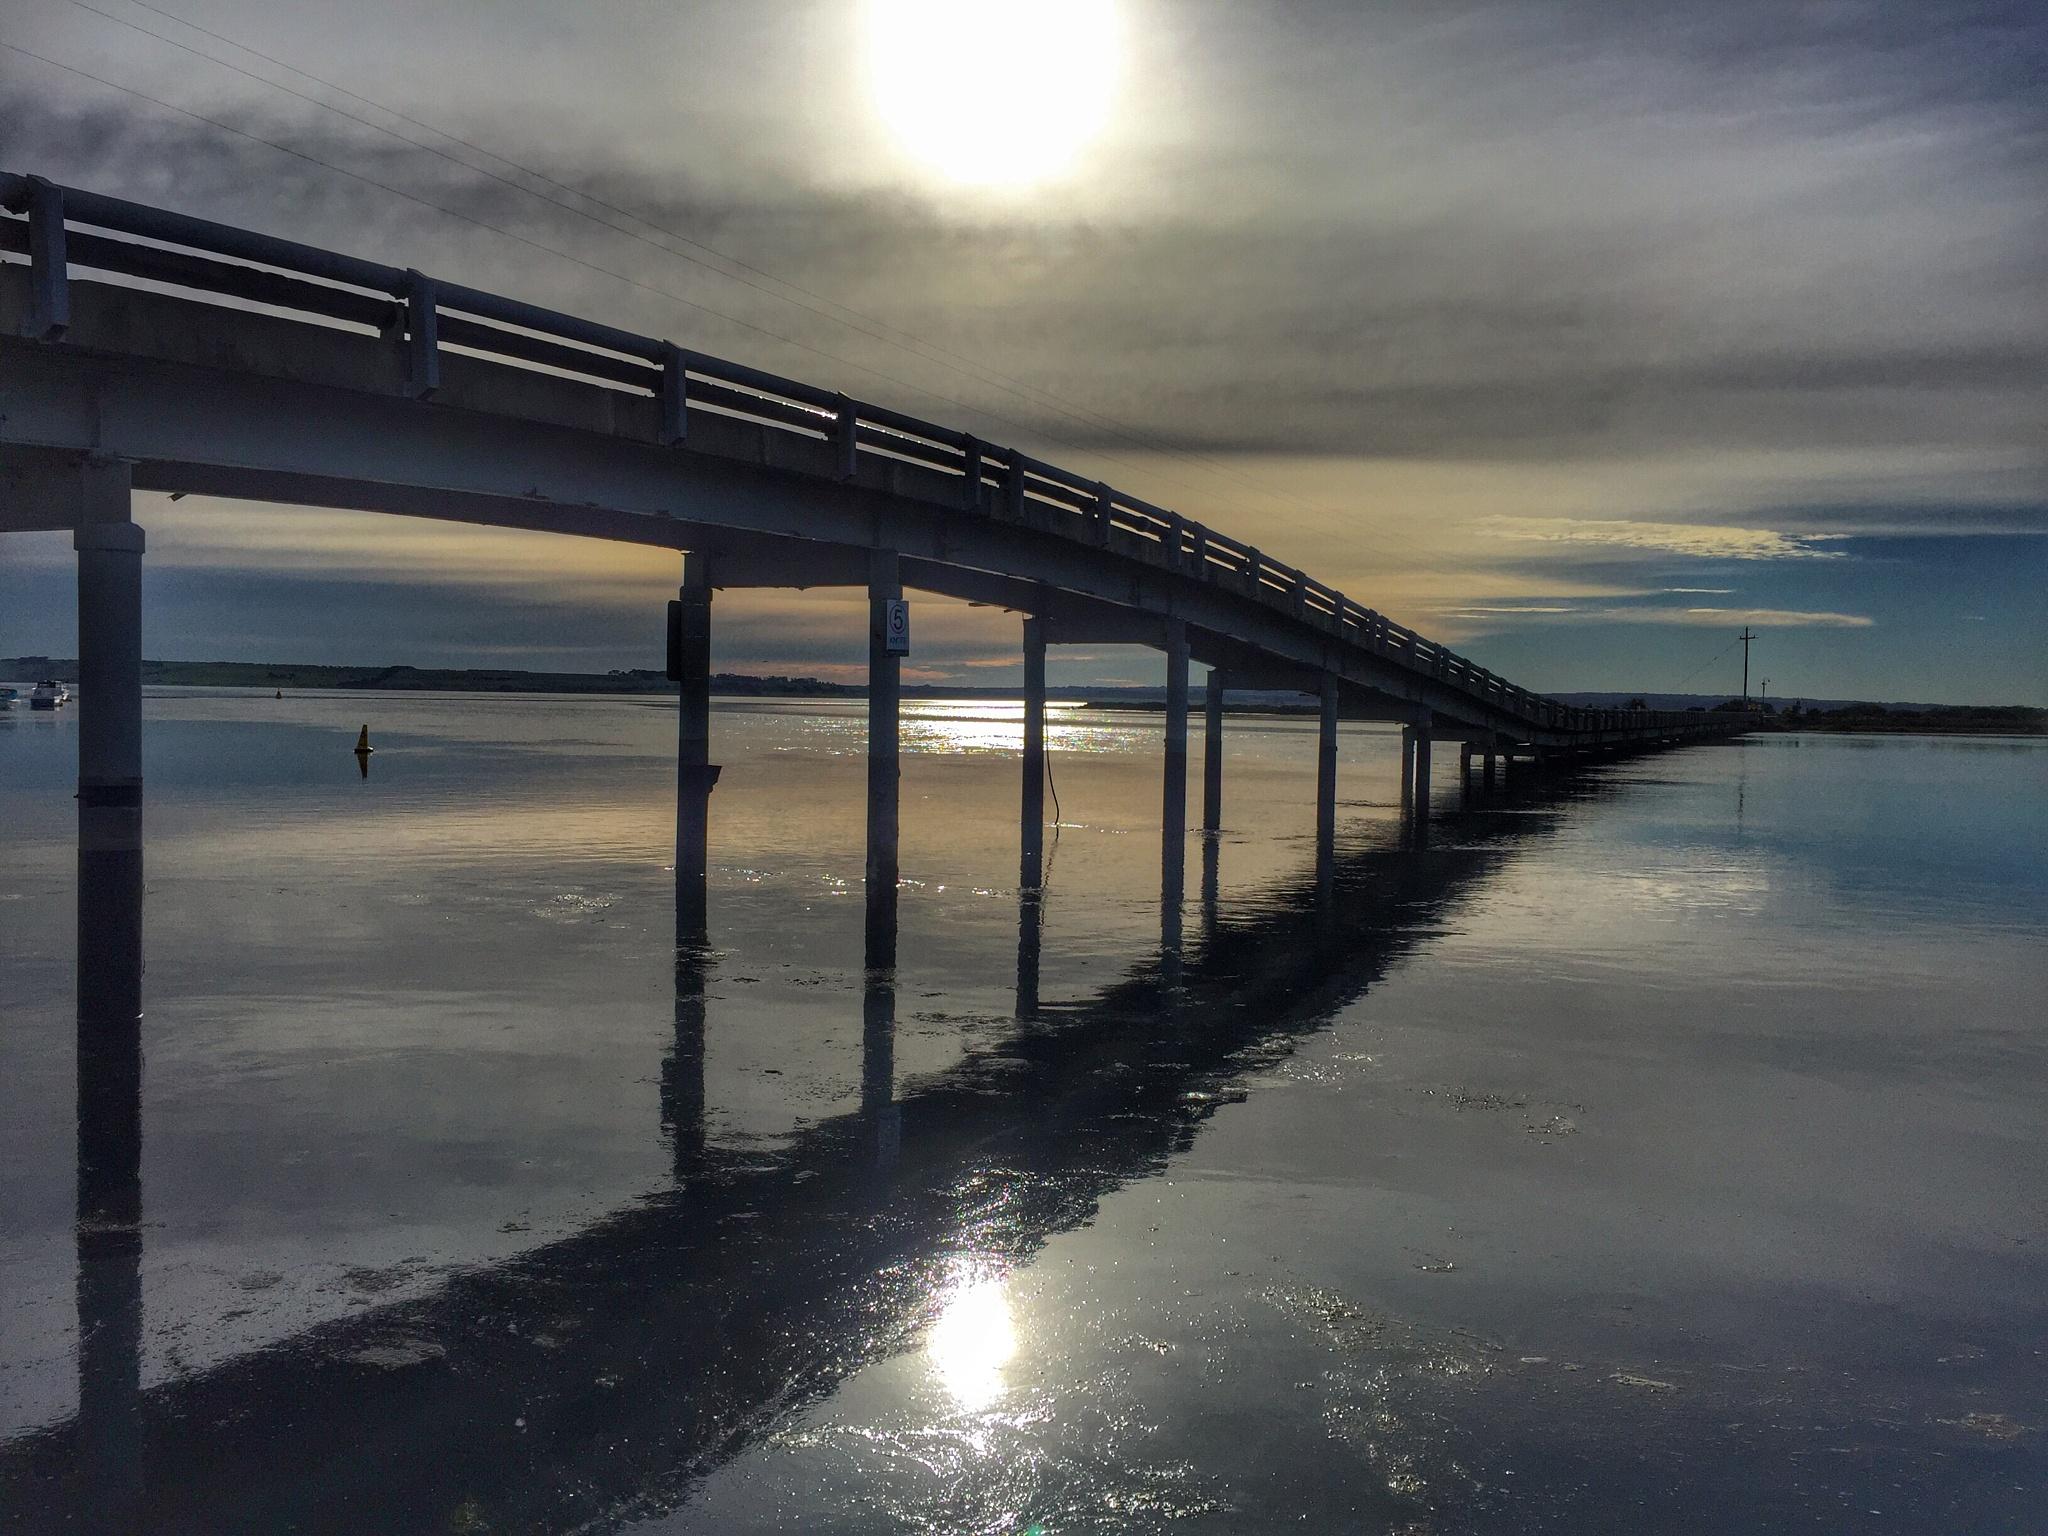 Swan Bay Bridge, Queenscliffe by Carole Walker